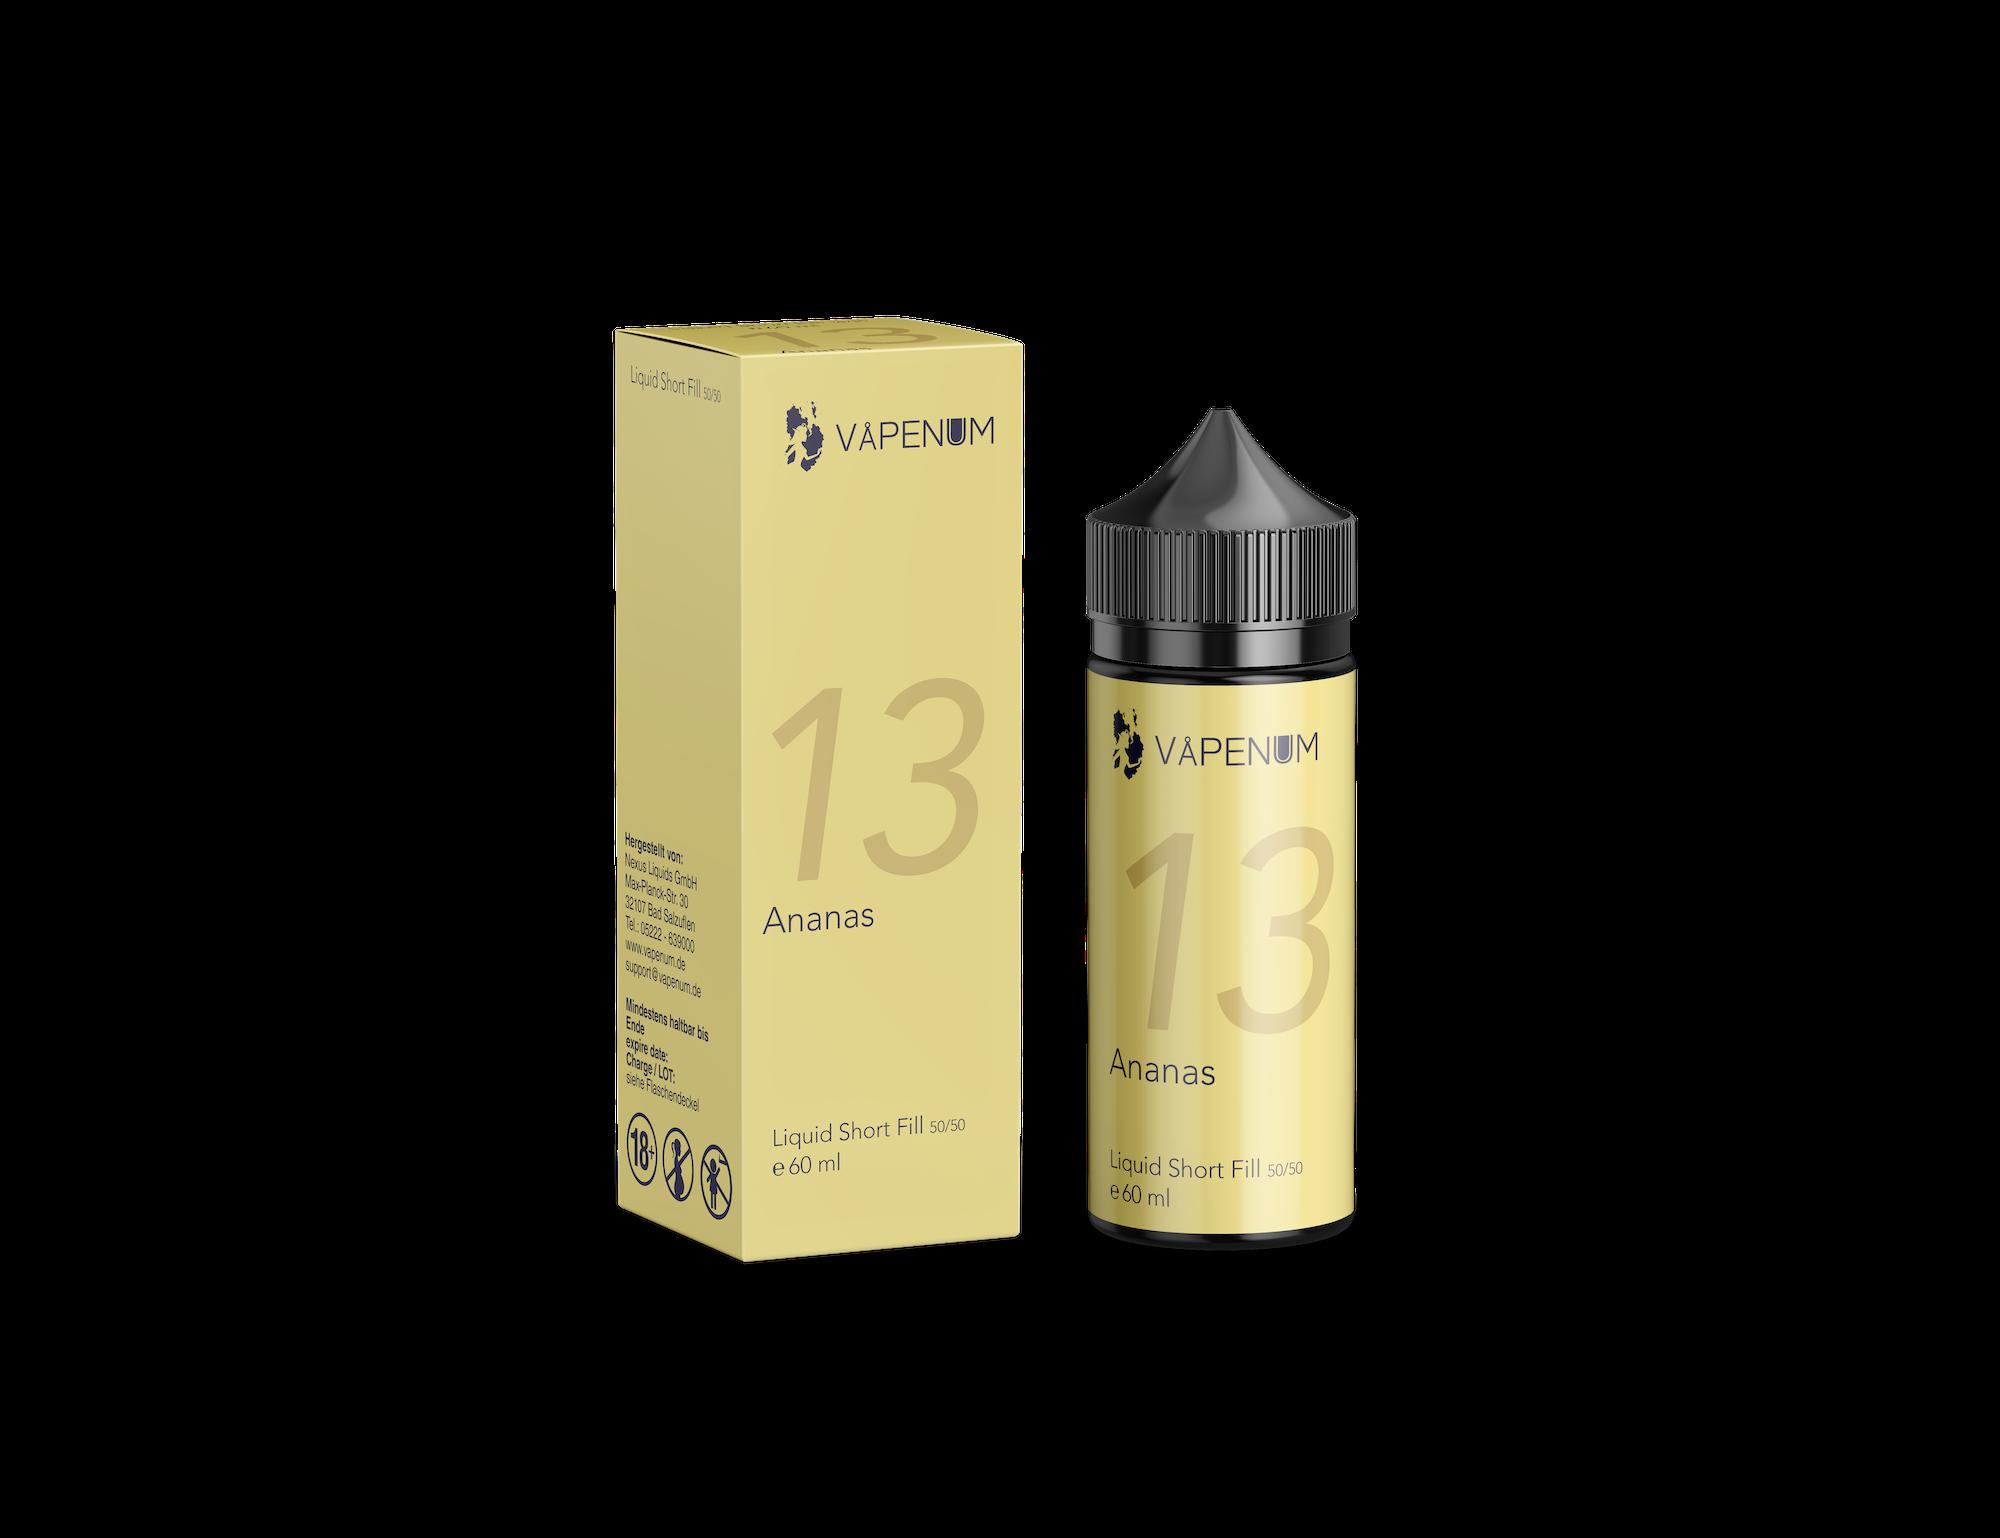 Vapenum Shortfill 13 - Ananas